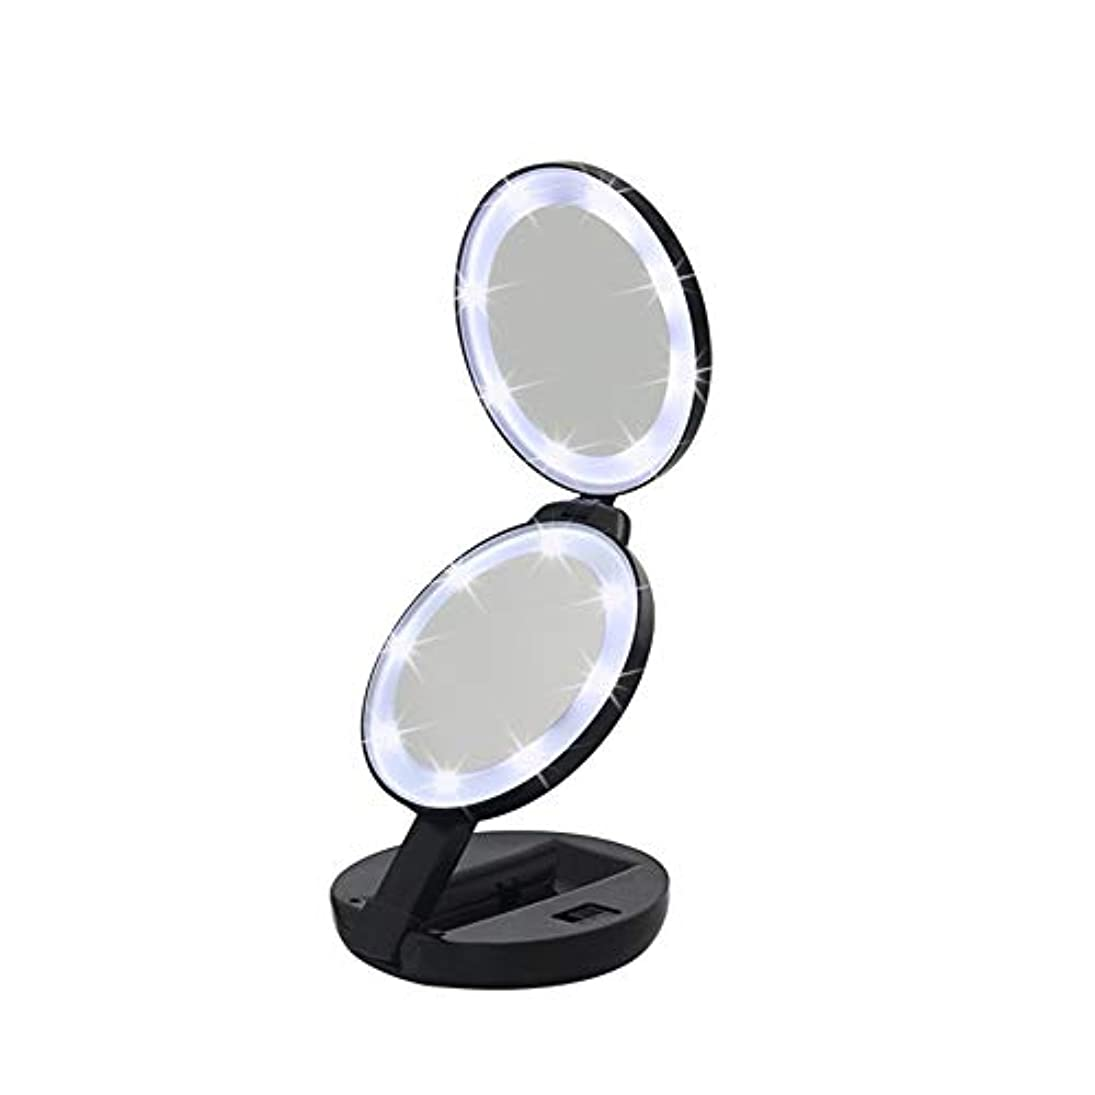 雲テンション長椅子流行の 新しいラウンド三つ折りLEDフィルライト化粧鏡ABS素材虫眼鏡ハンドヘルド美容ミラーブラック